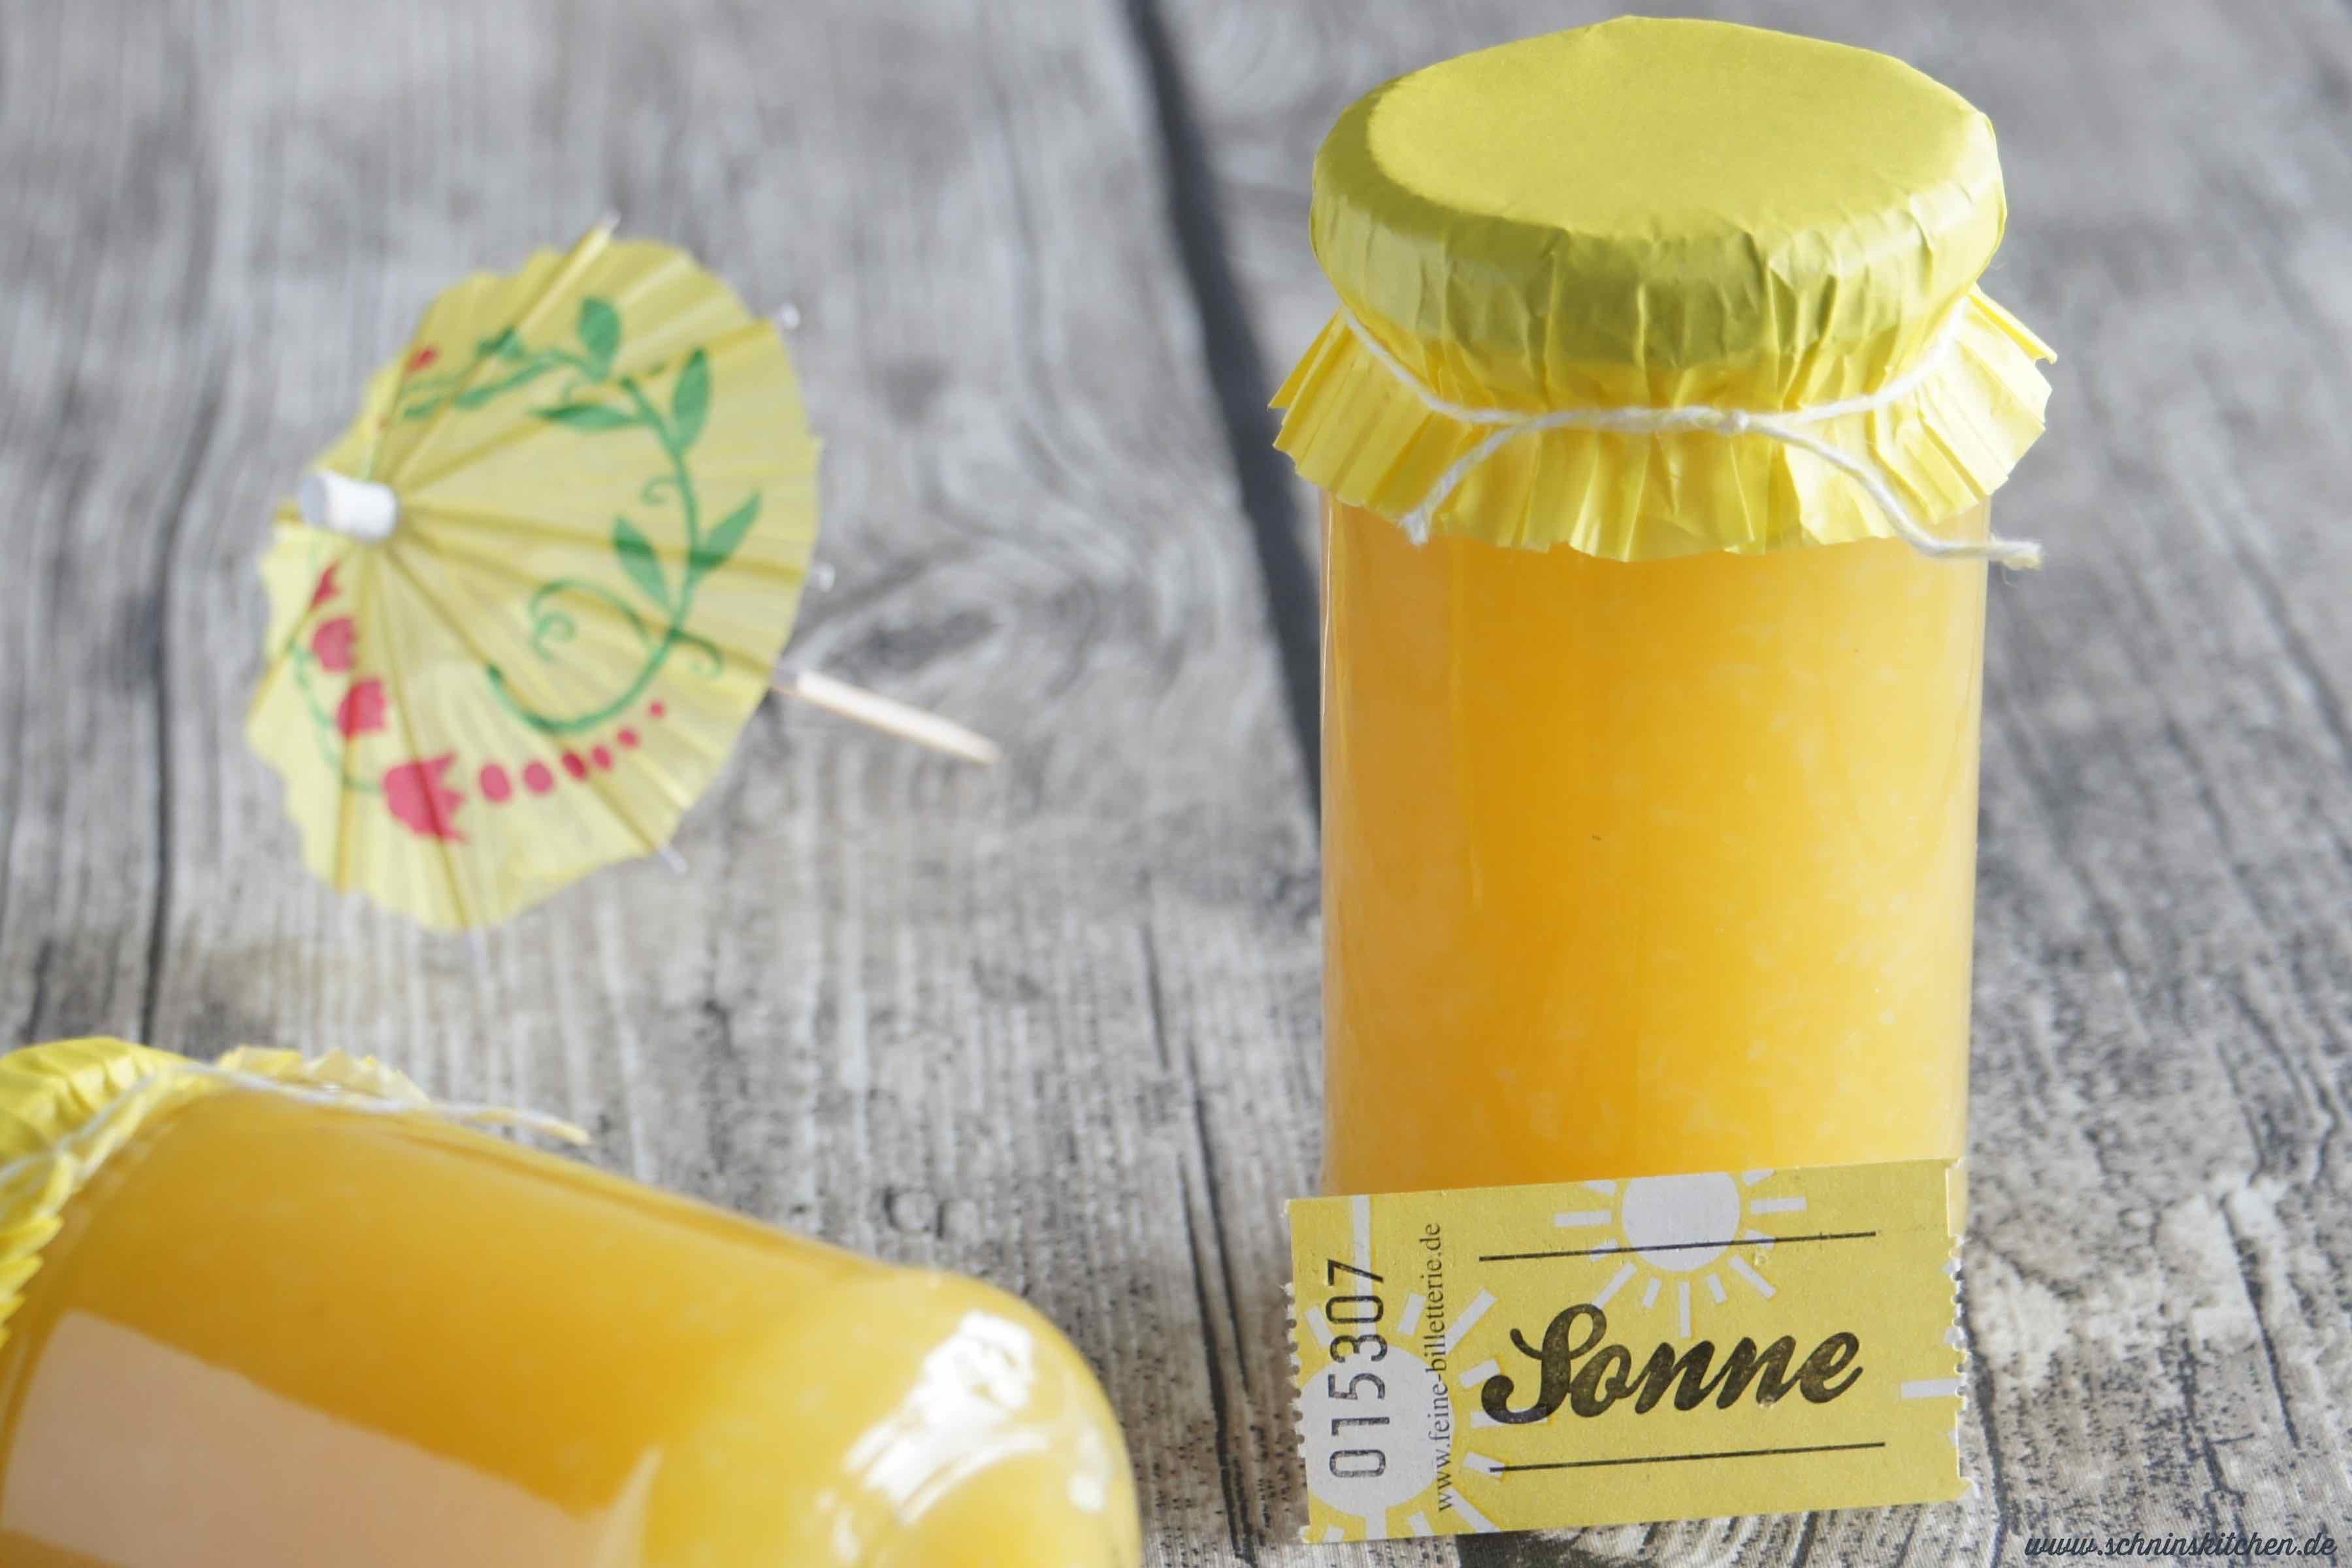 Piña Colada Marmelade - ein tolles Rezept mit Ananas, Kokosraspeln und einem Schuß Karibik-Rum. | www.schninskitchen.de